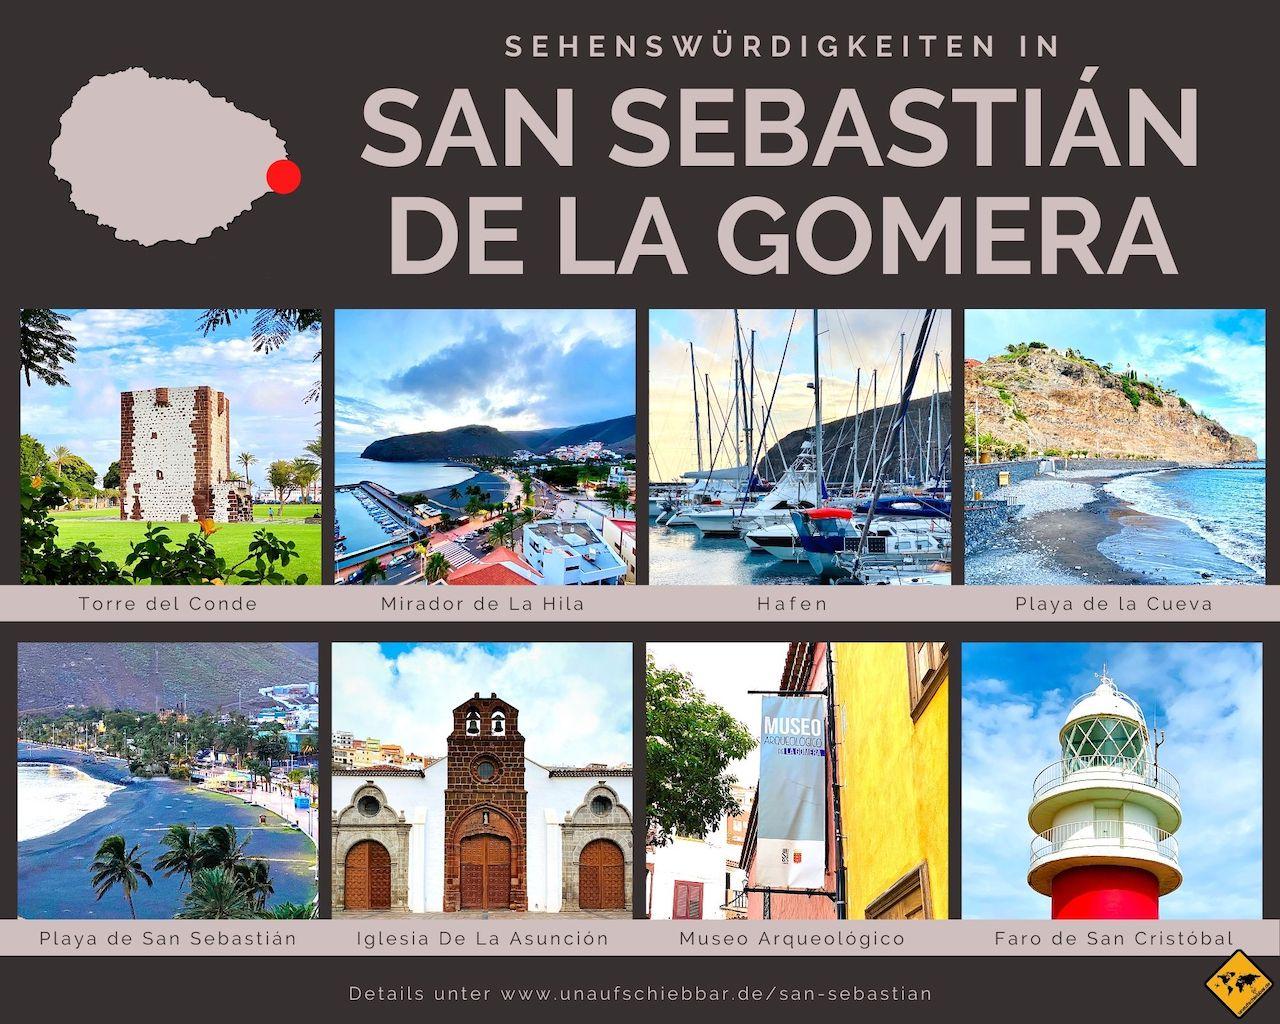 Sehenswürdigkeiten San Sebastián de La Gomera